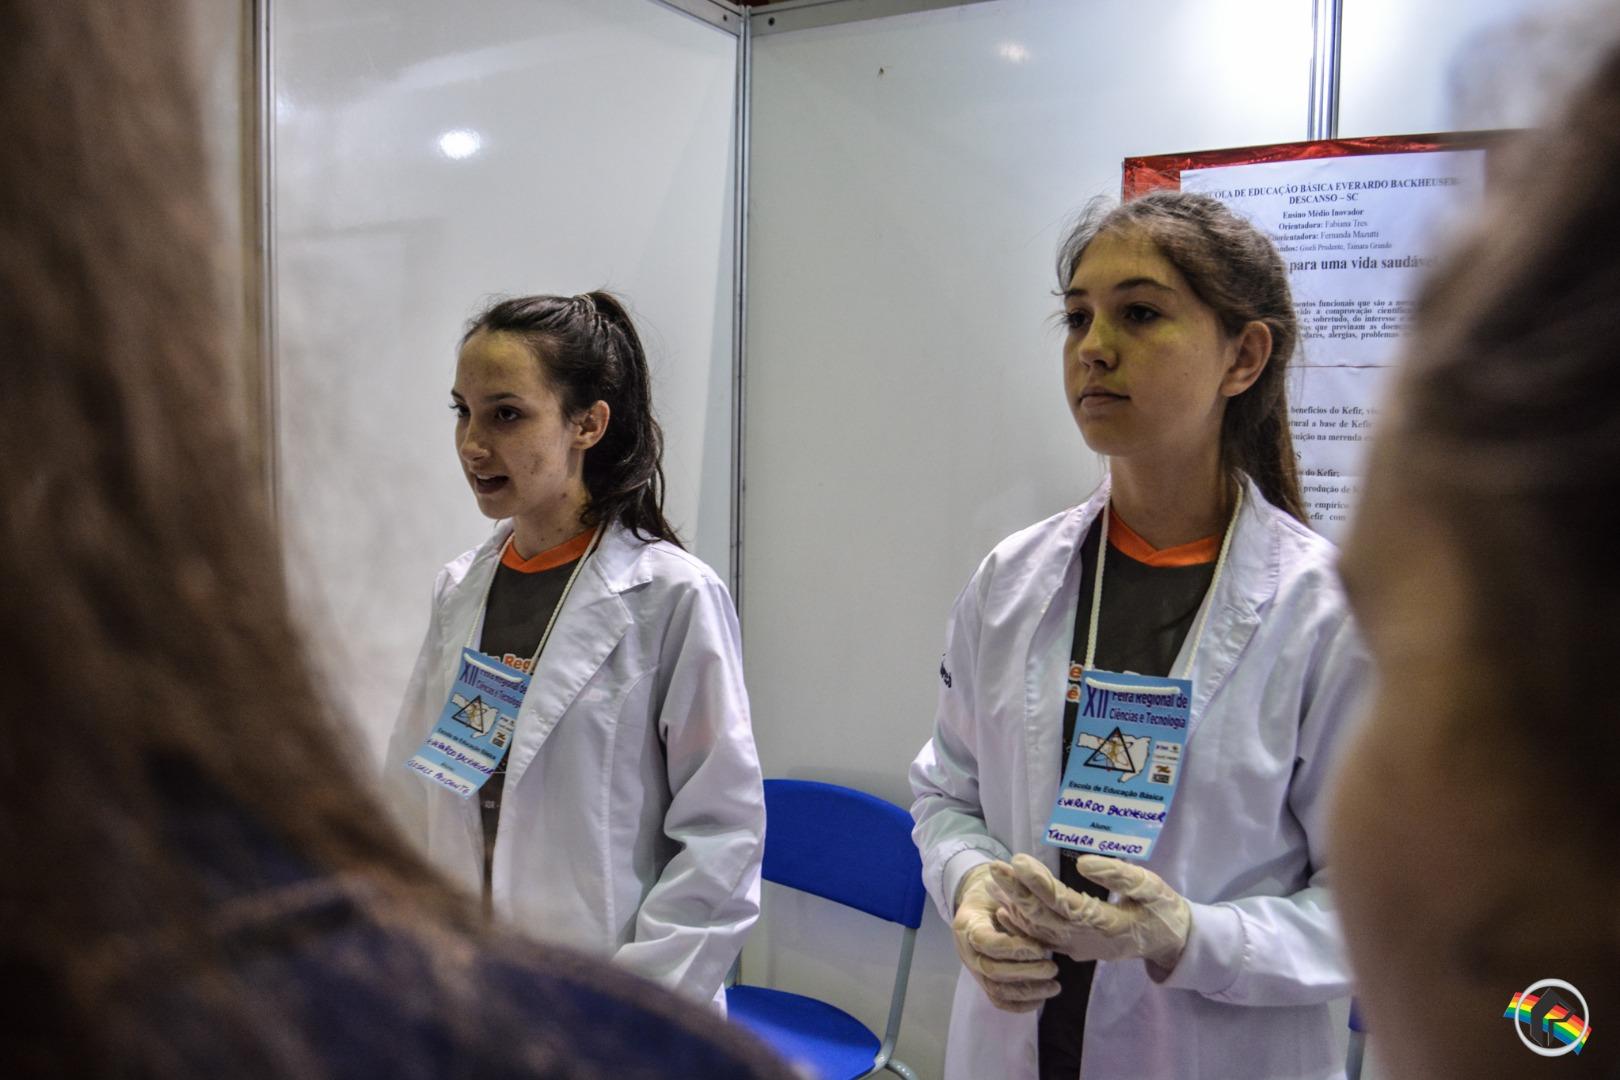 Feira de Ciências e Tecnologias reúne mais de 30 projetos